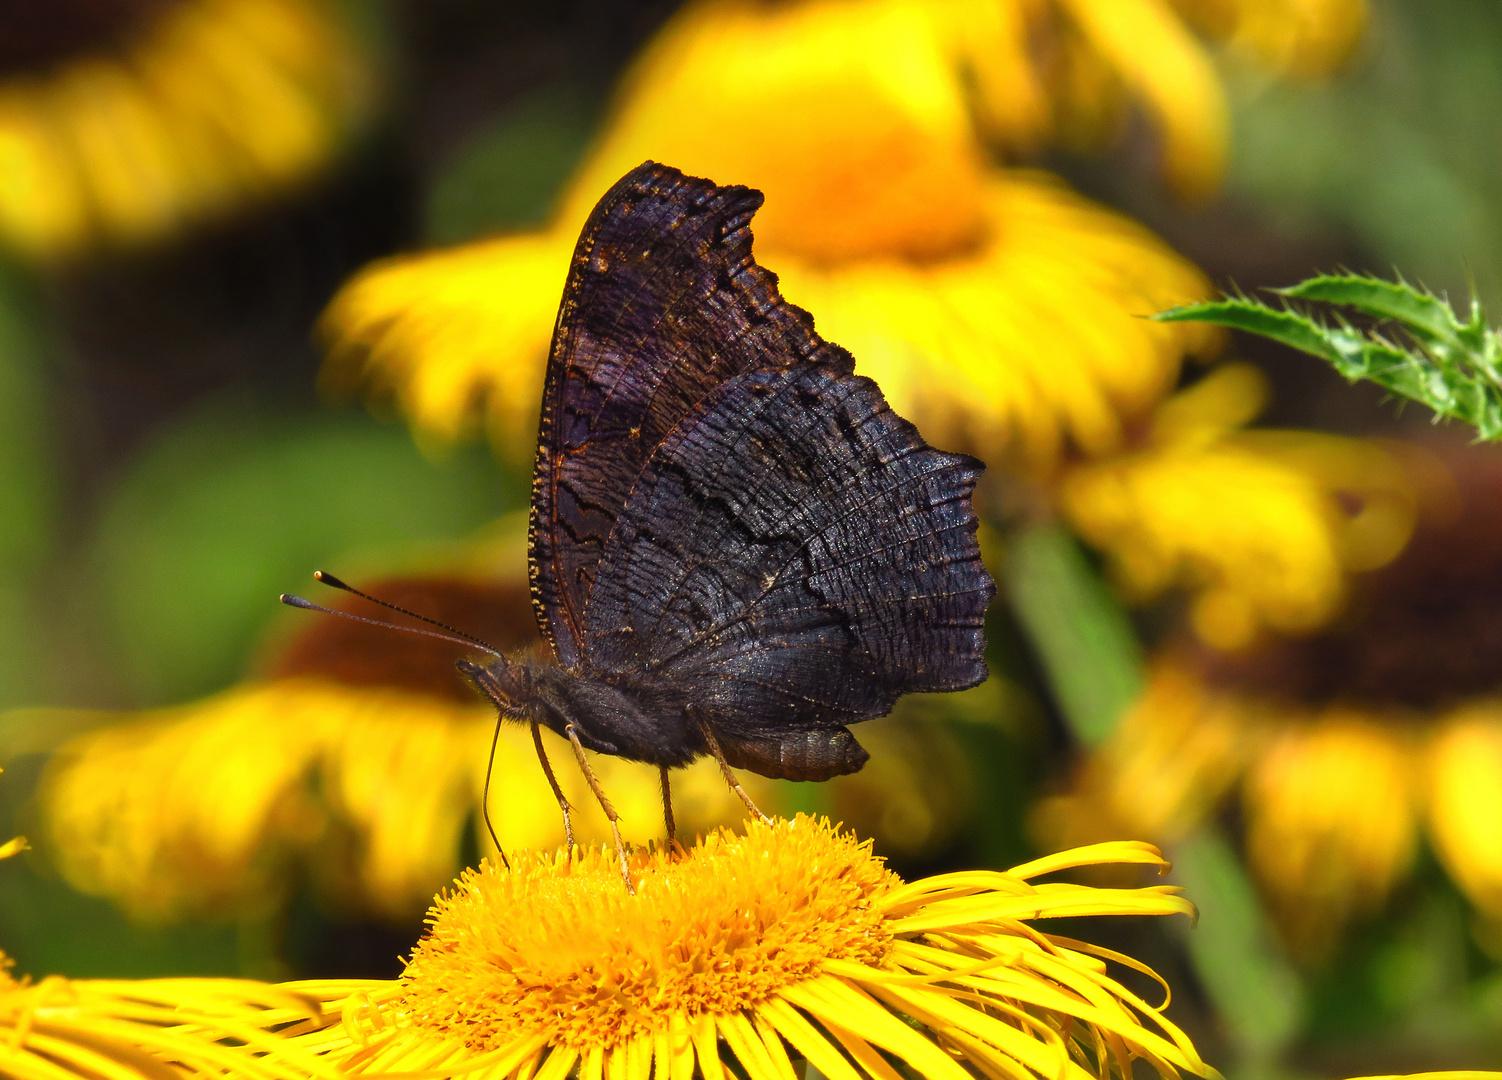 Tagpfauenauge, Unterseite, Inachis io, auf der Blüte des Echten Alant, im Hevetal